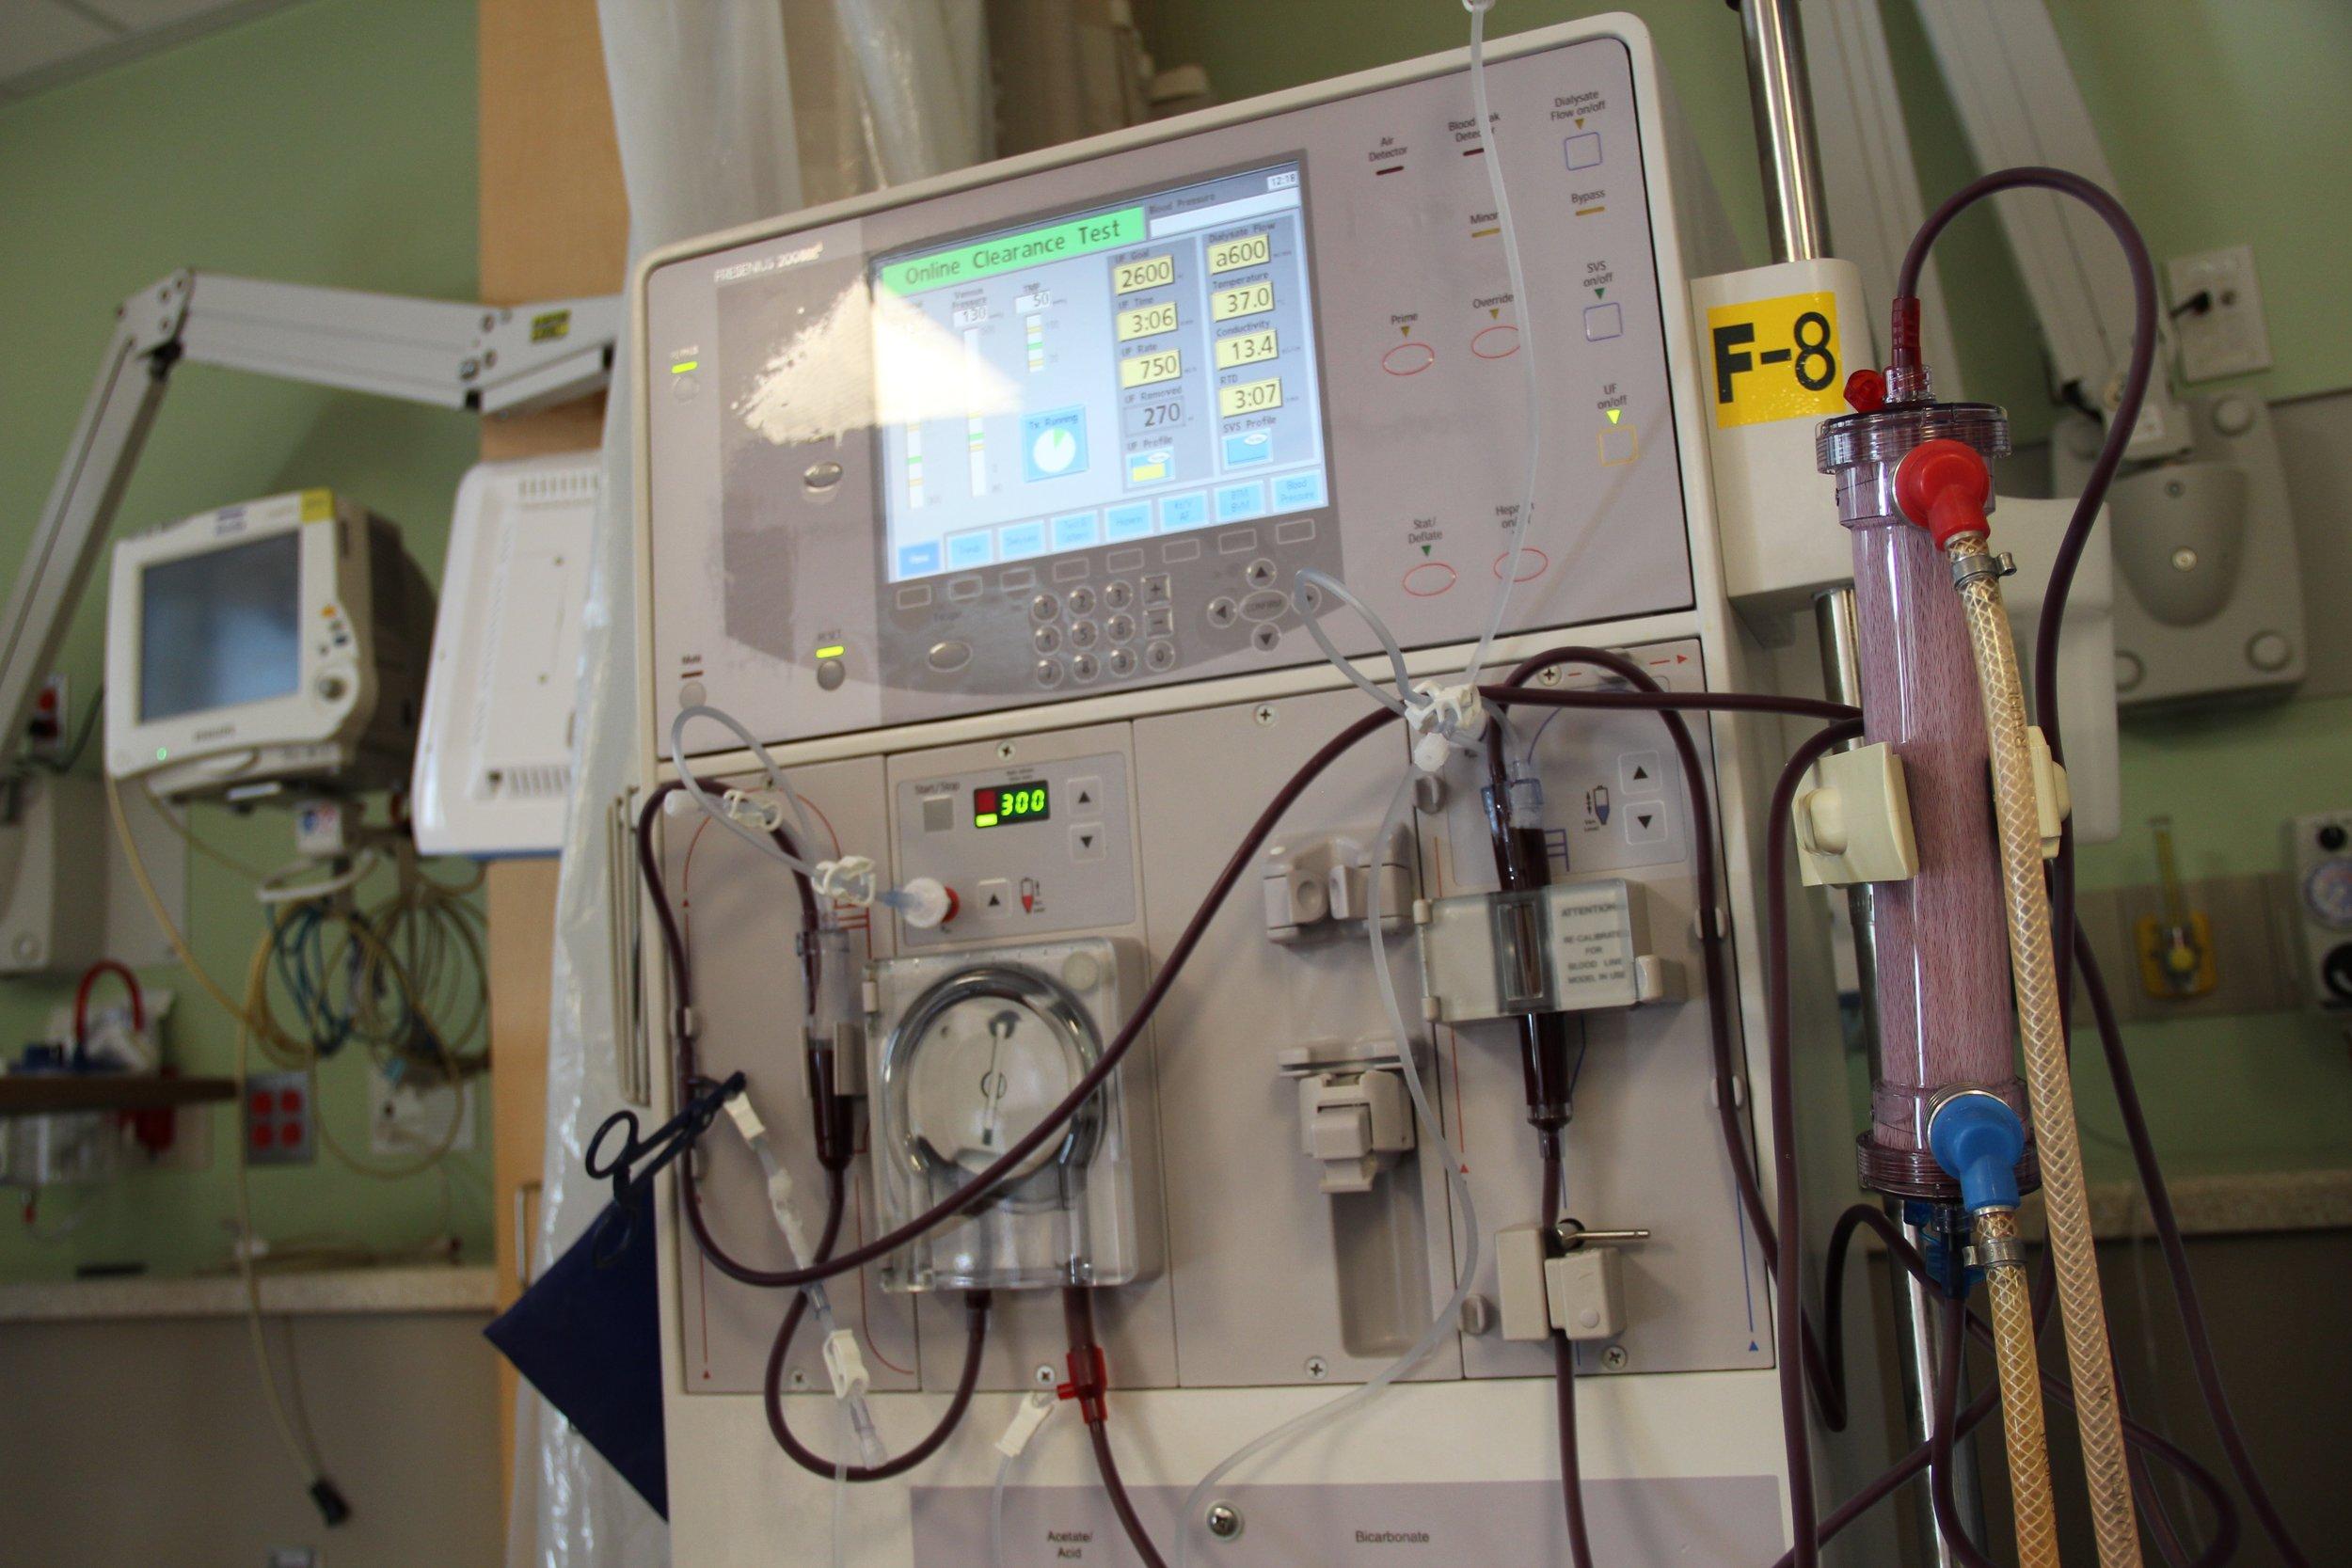 blood-dialysis-machine-hematology-966373.jpg